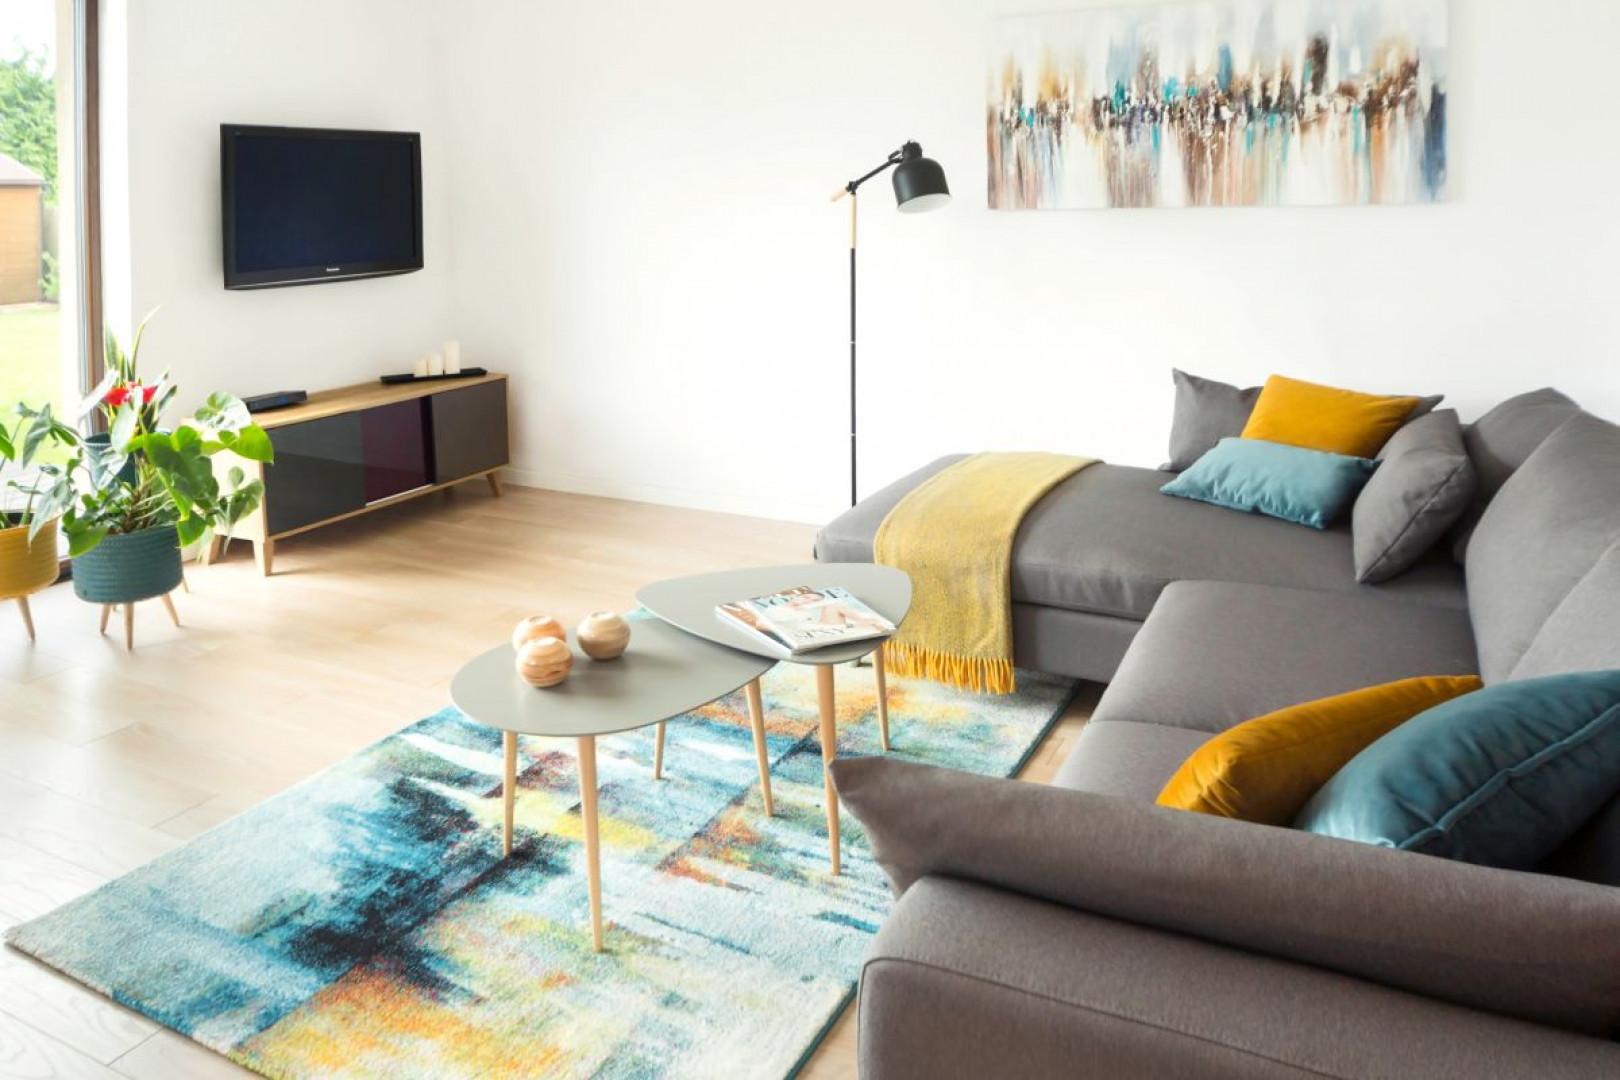 Dominujący we wnętrzu skandynawski minimalizm przełamują kolorowe dodatki. Projekt: Kinga Świątek-Wolna. Fot,. Make Home